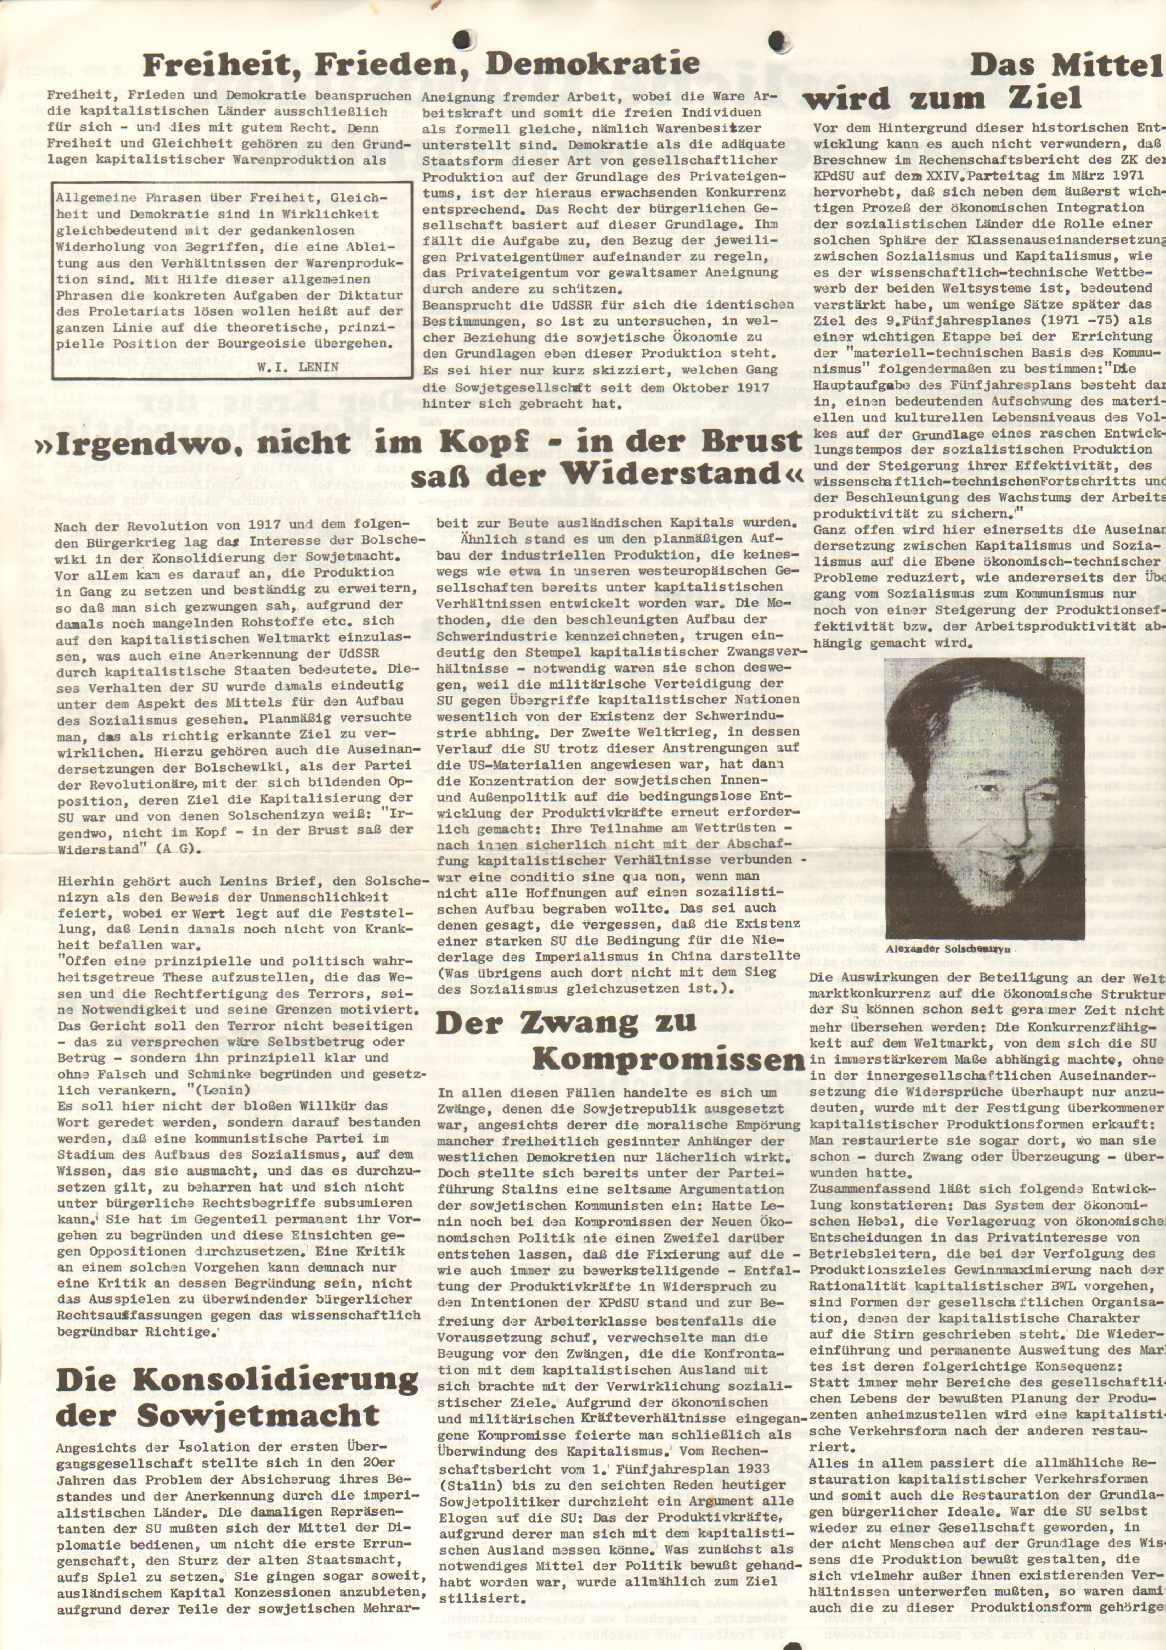 Erlangen_MG084